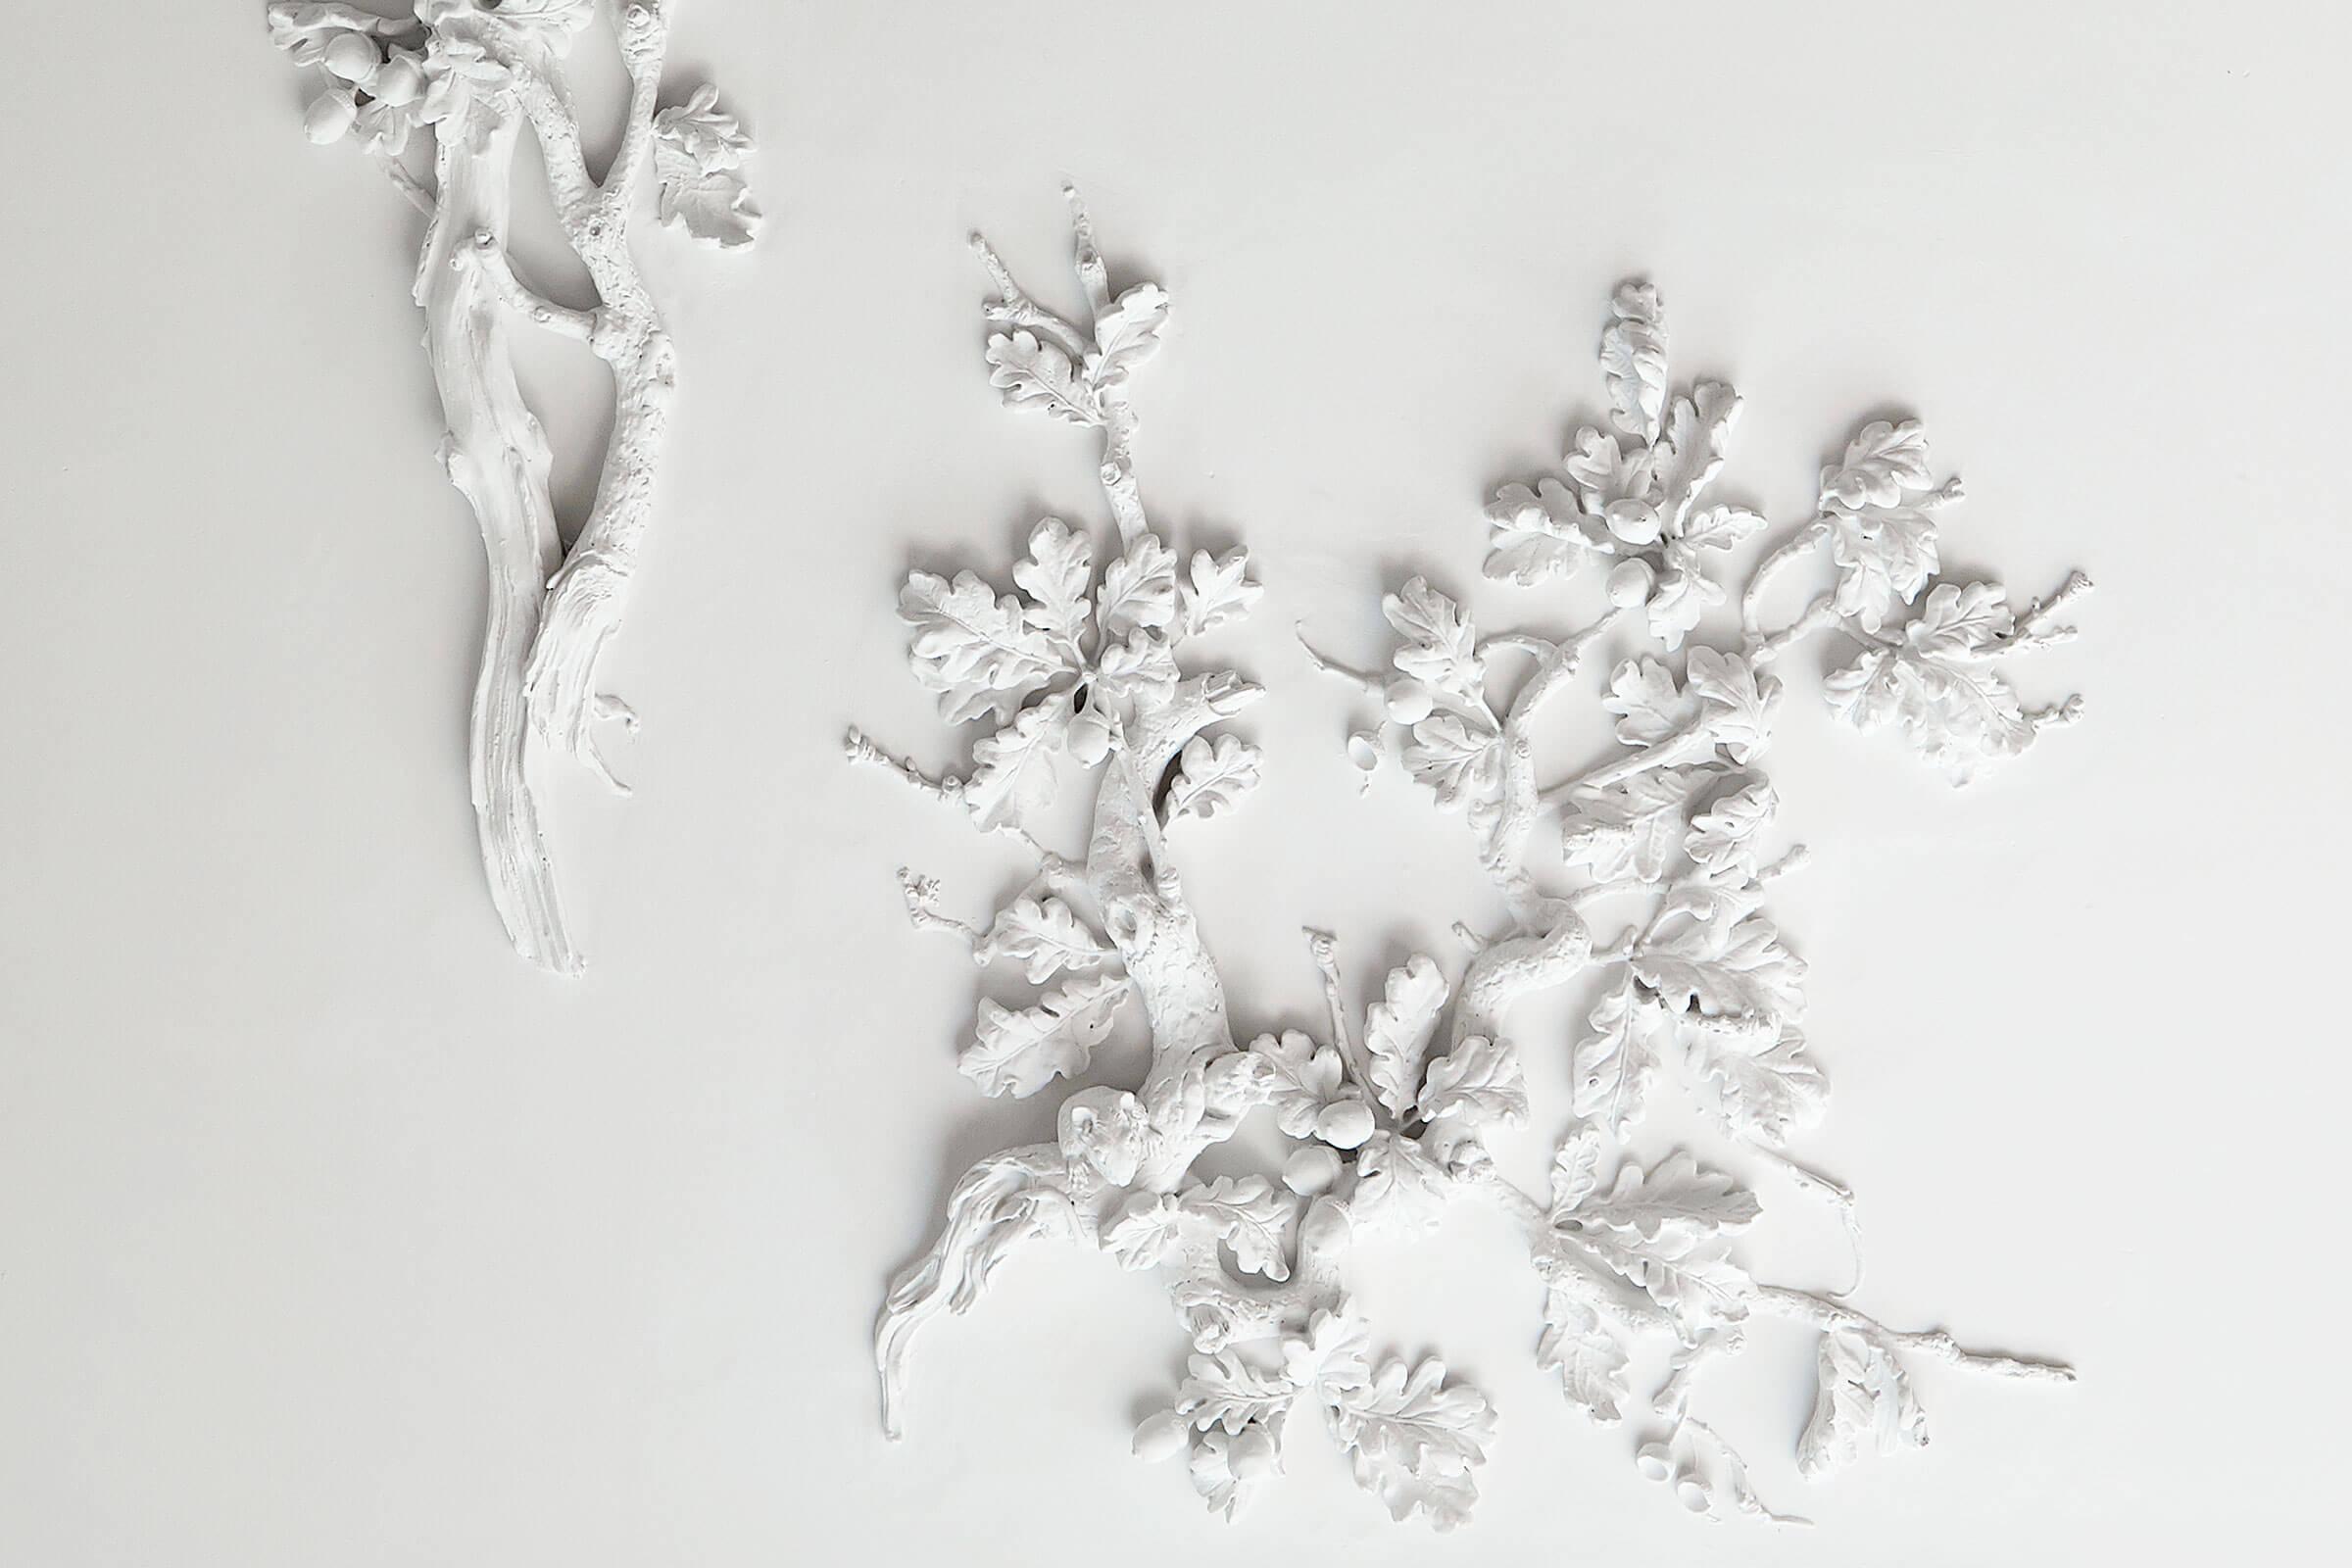 interiør stuk stukkatur claus lind © moderne håndværk egetræ